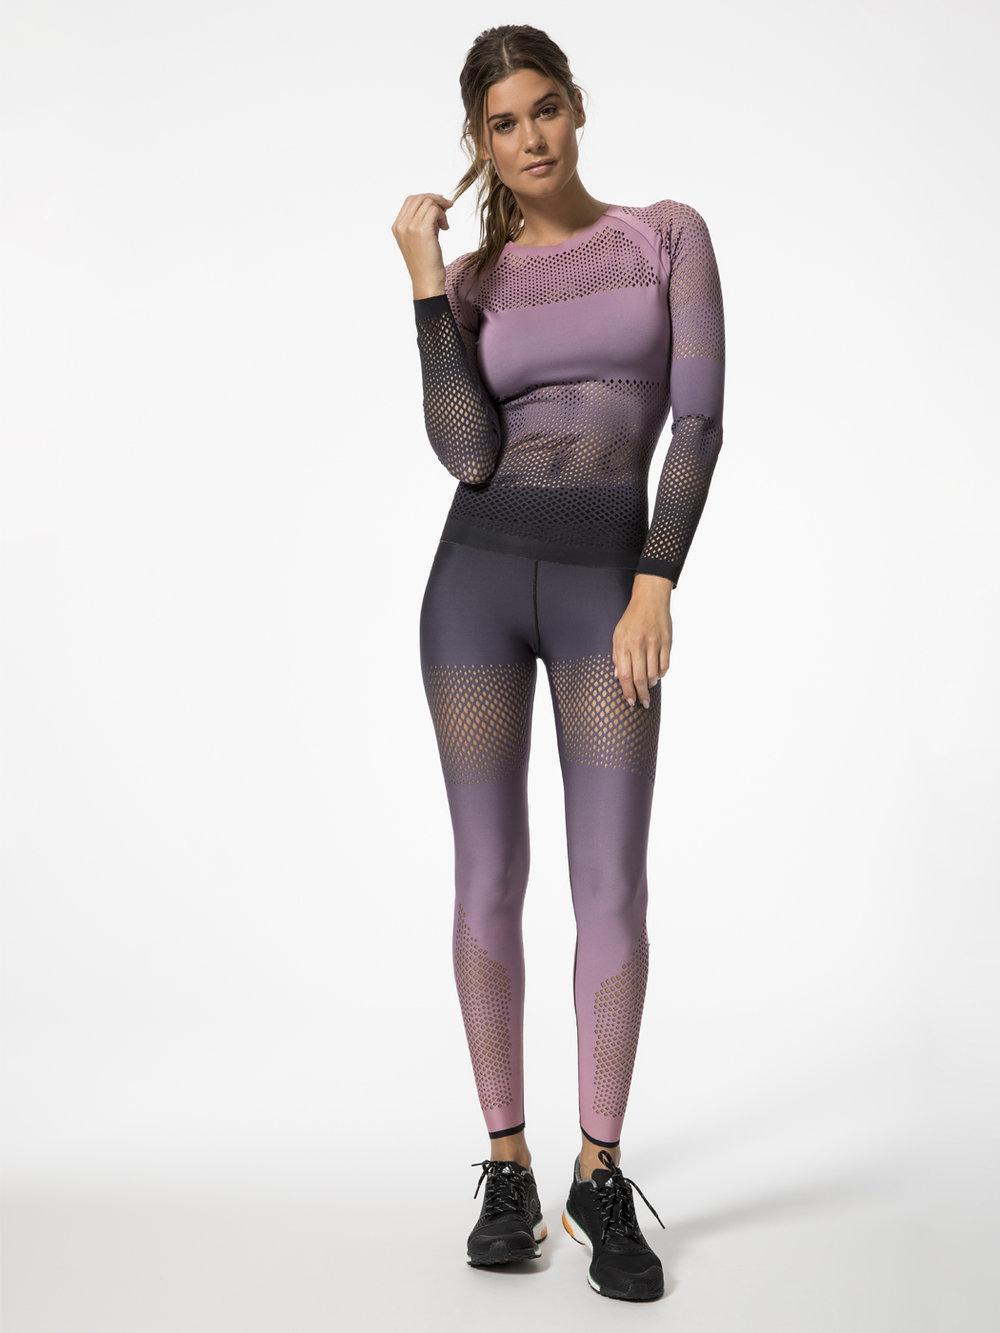 1-ultracor-ultramesh-silk-leggings-bottoms-graident-rose.jpg